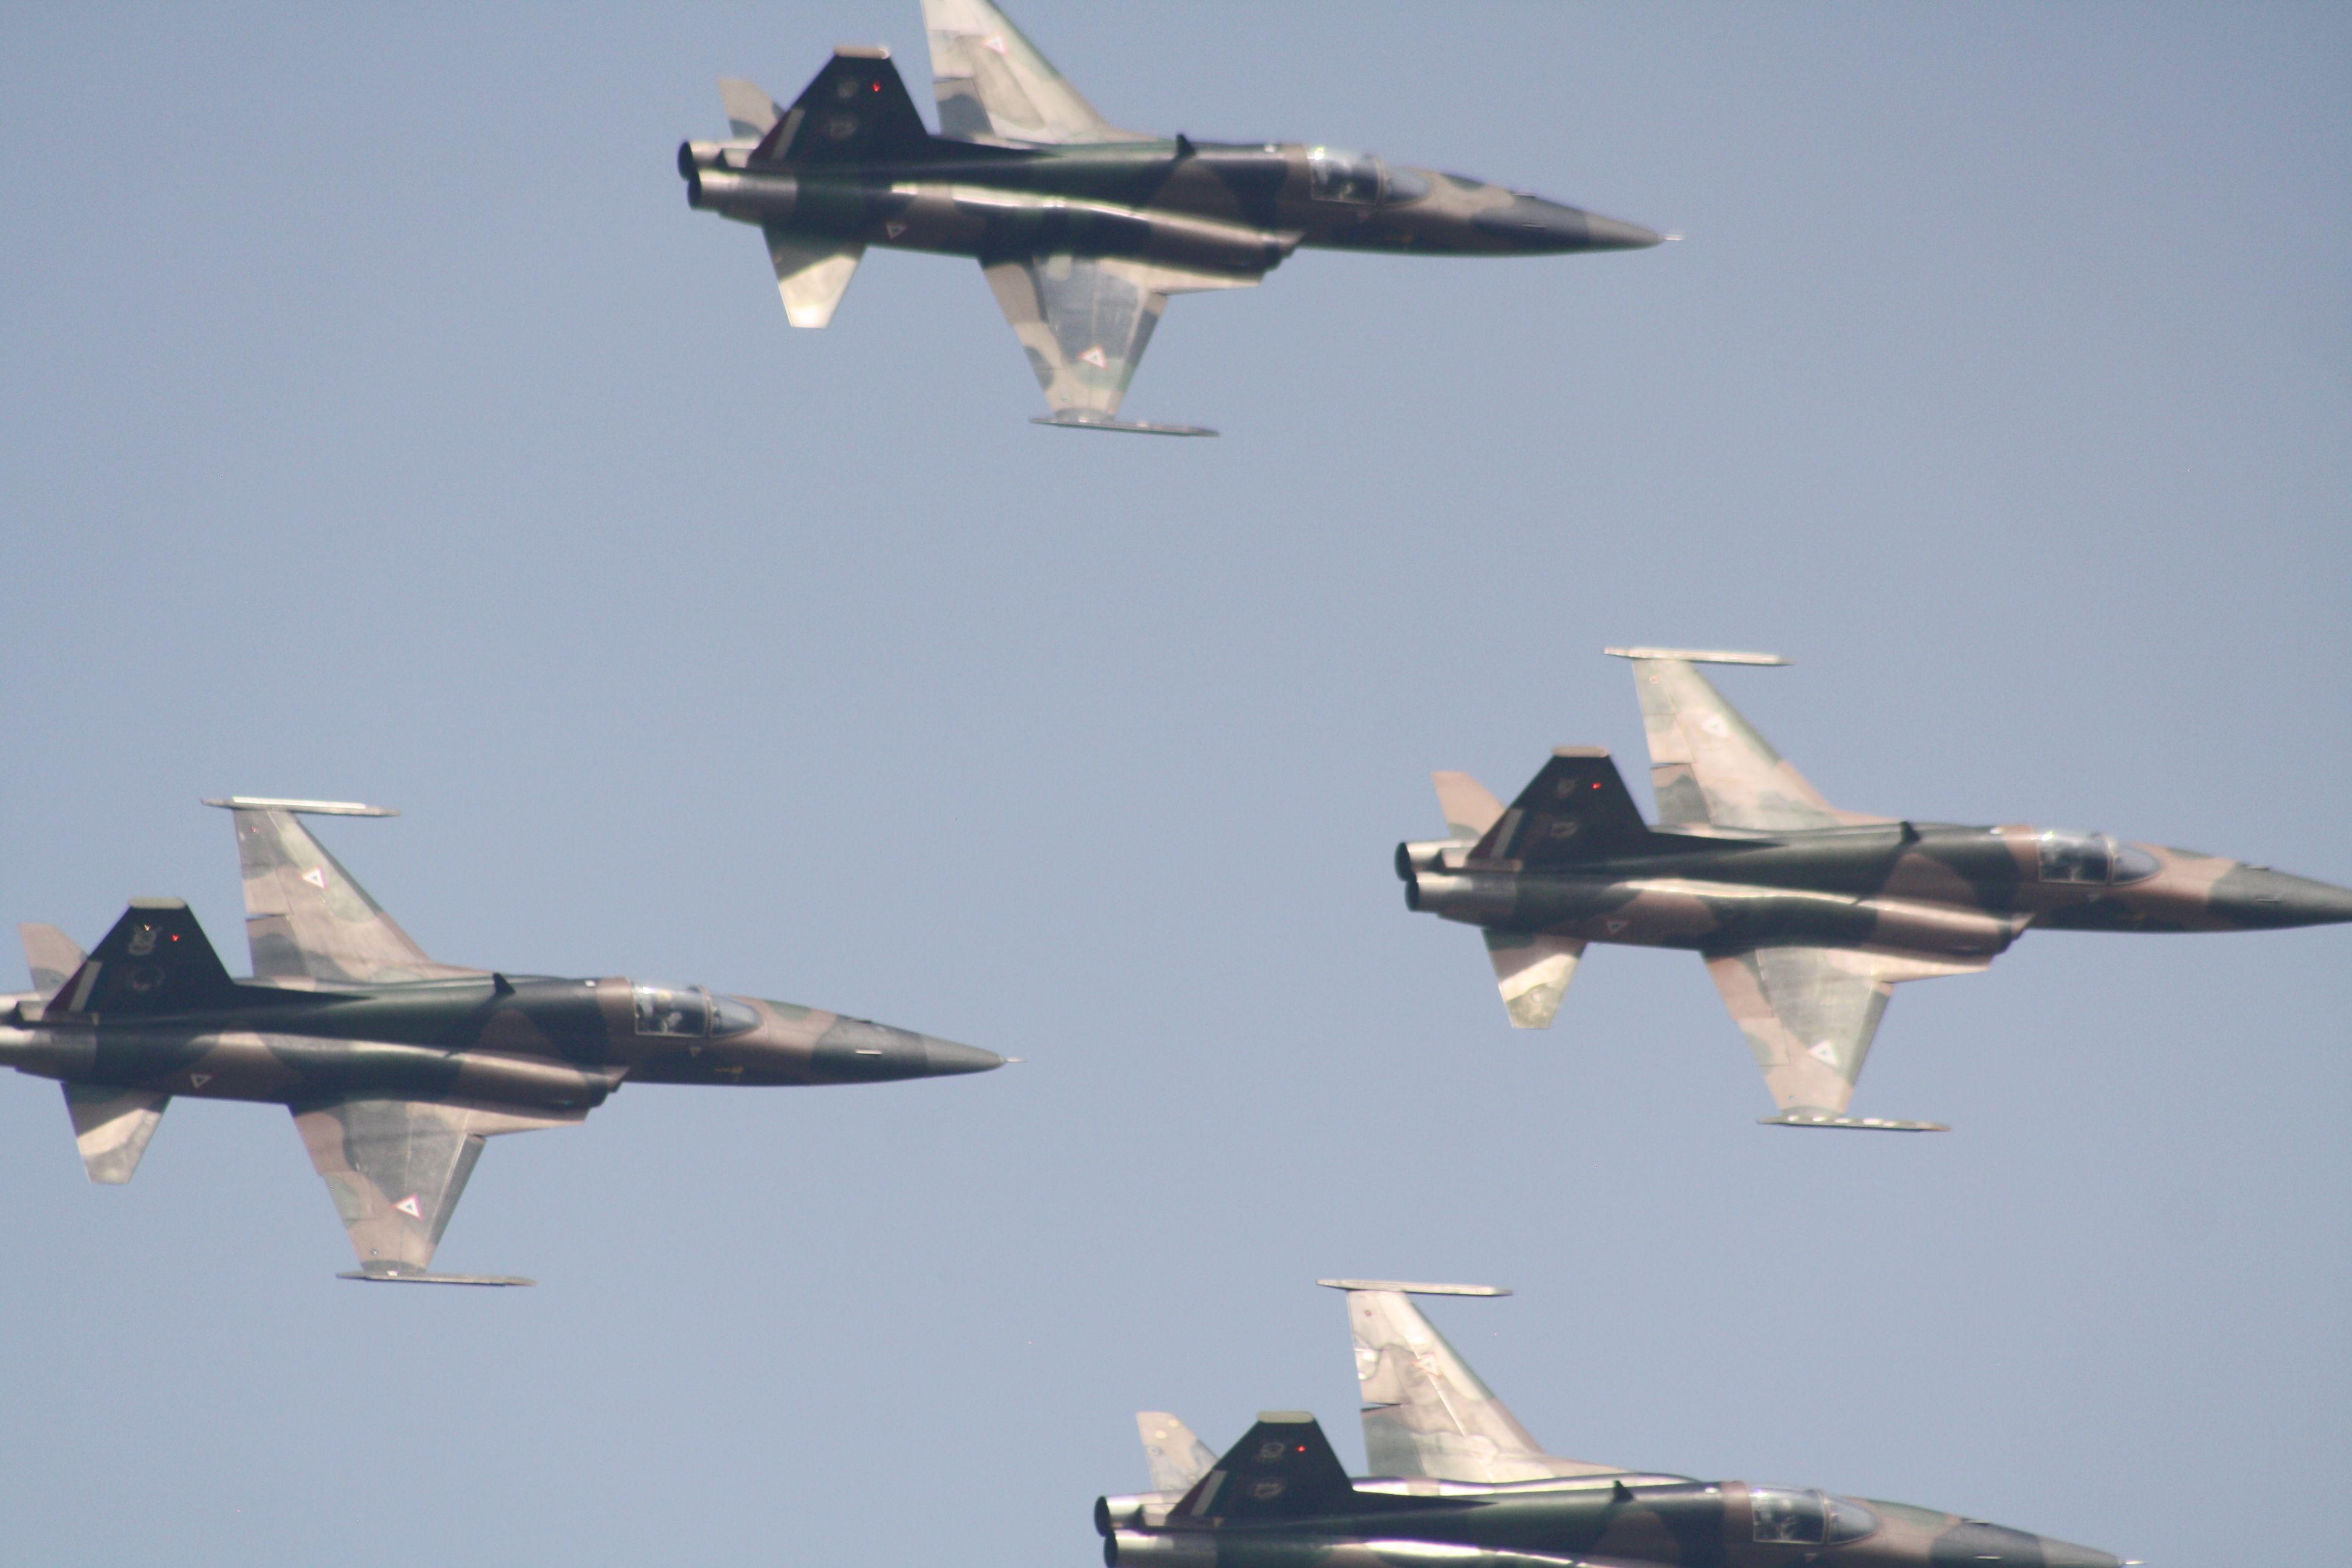 Exhibición aérea centenario de la fuerza aérea mexicana